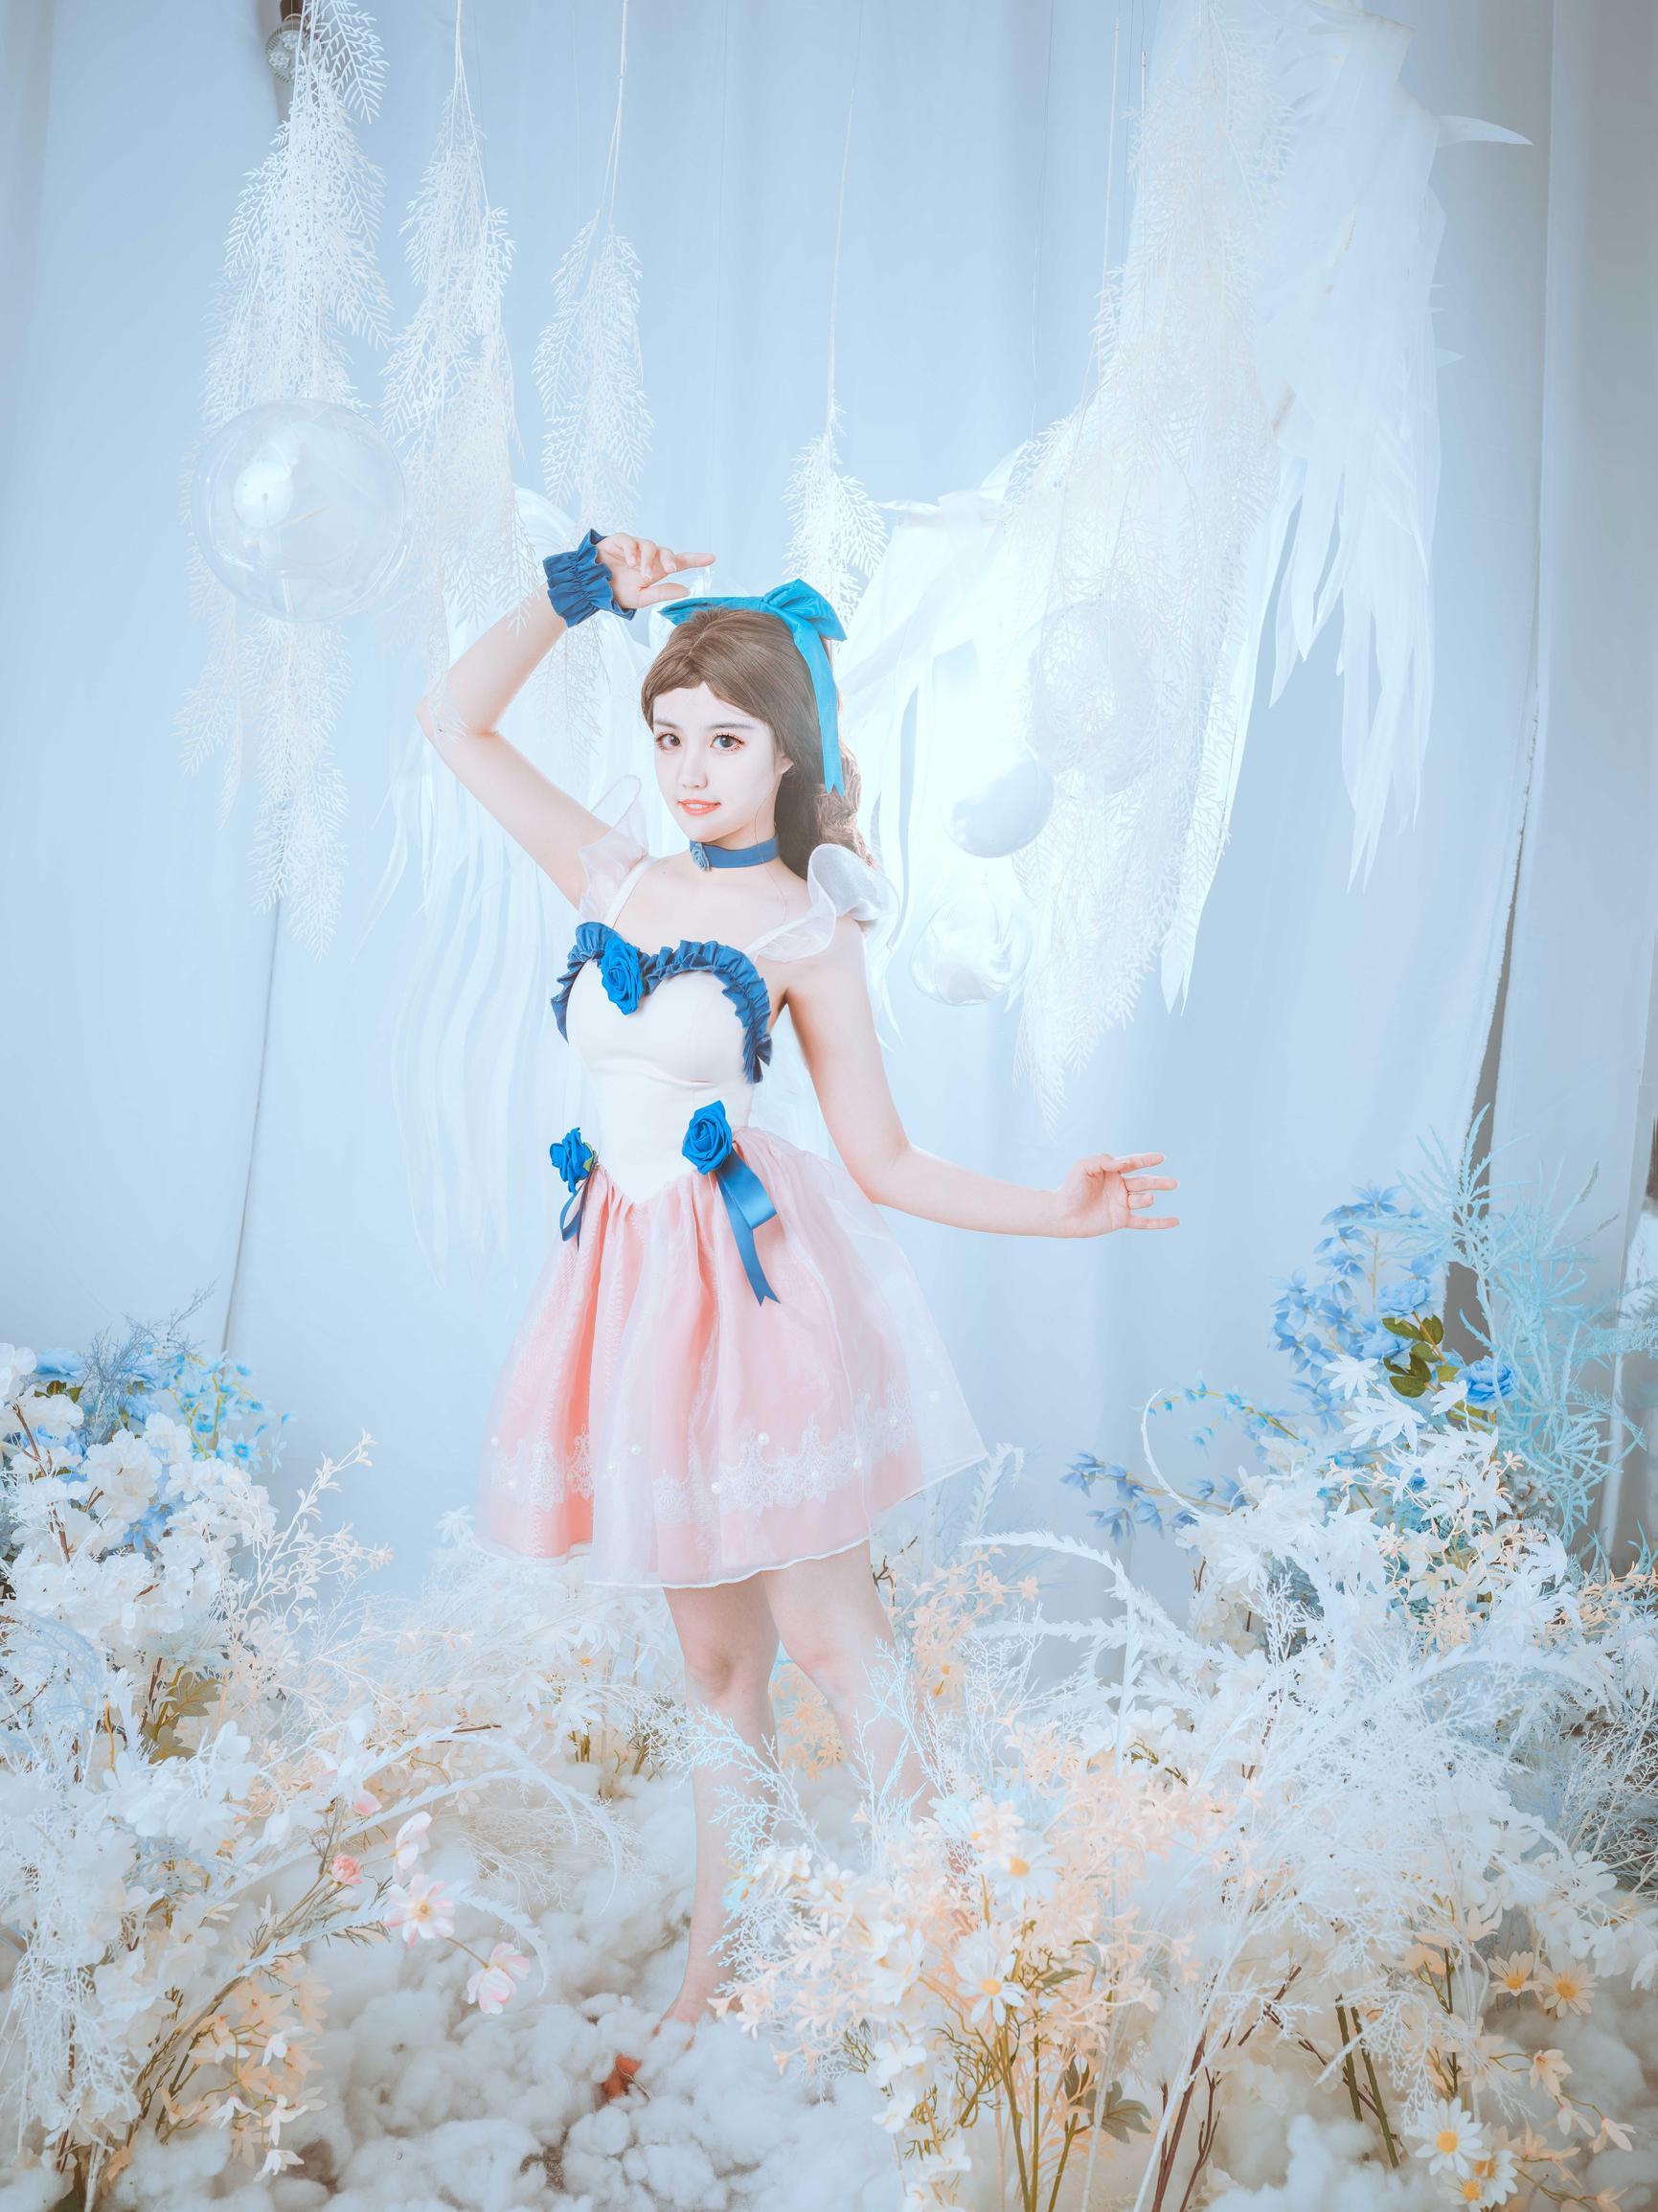 《第五人格》正片cosplay【CN:松野小熙】-第2张